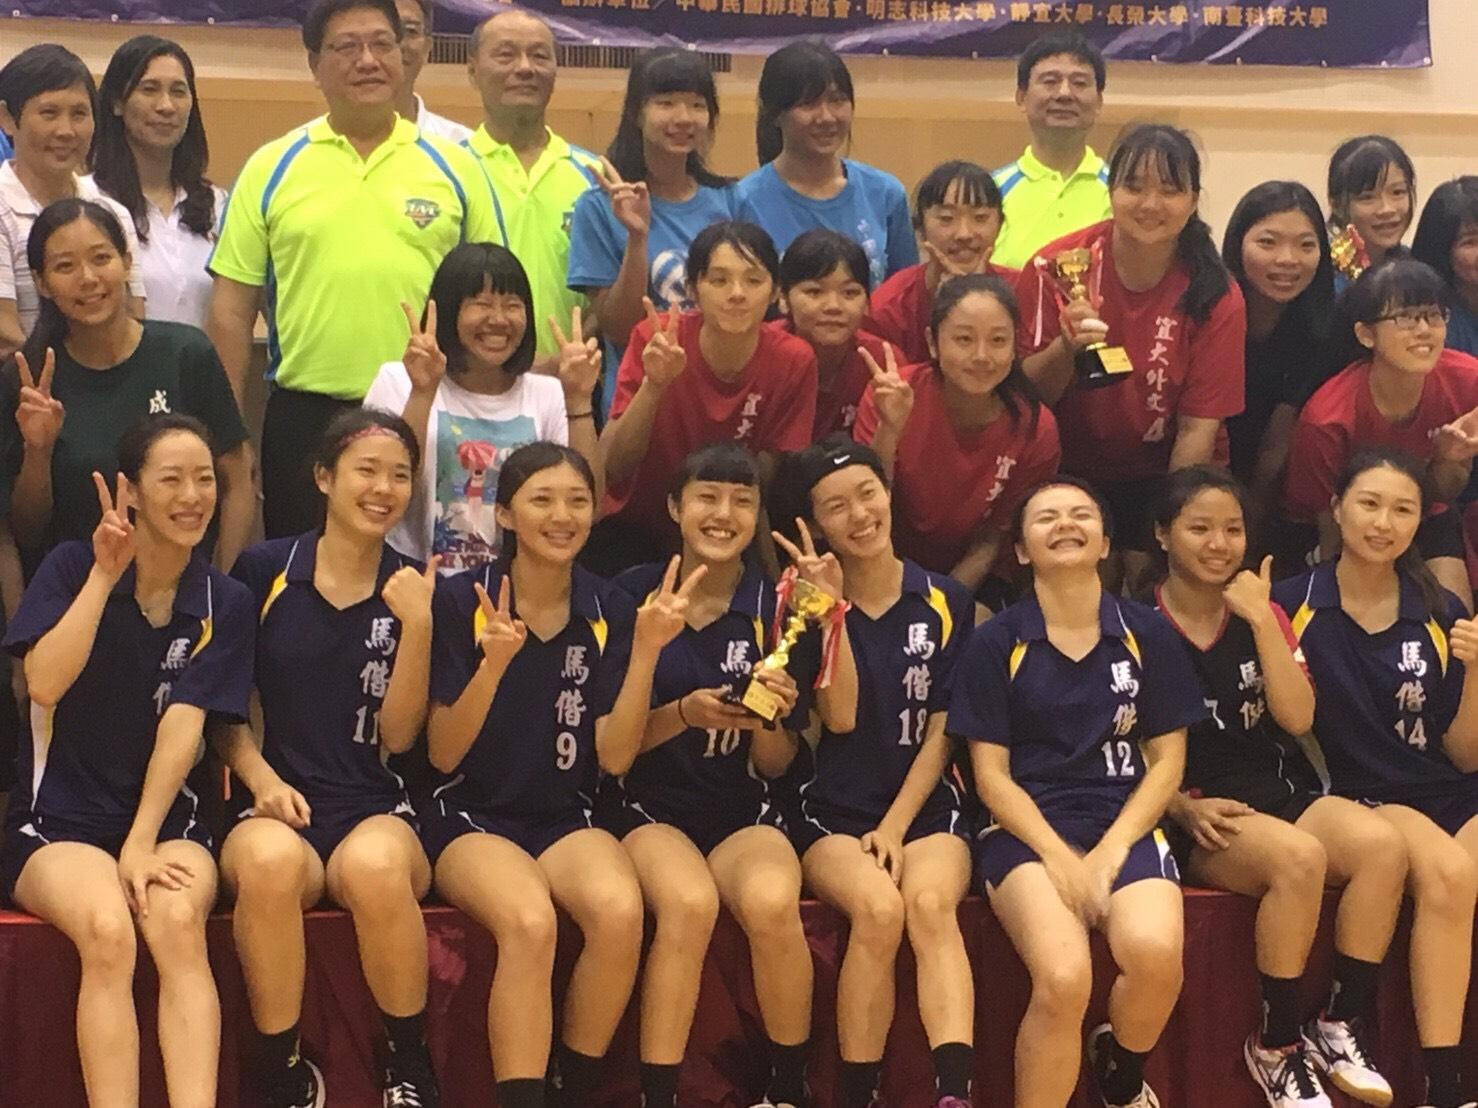 賀!恭喜本校排球隊參加「中華民國大專校院107年全國系際盃排球錦標賽」榮獲女子組第五名